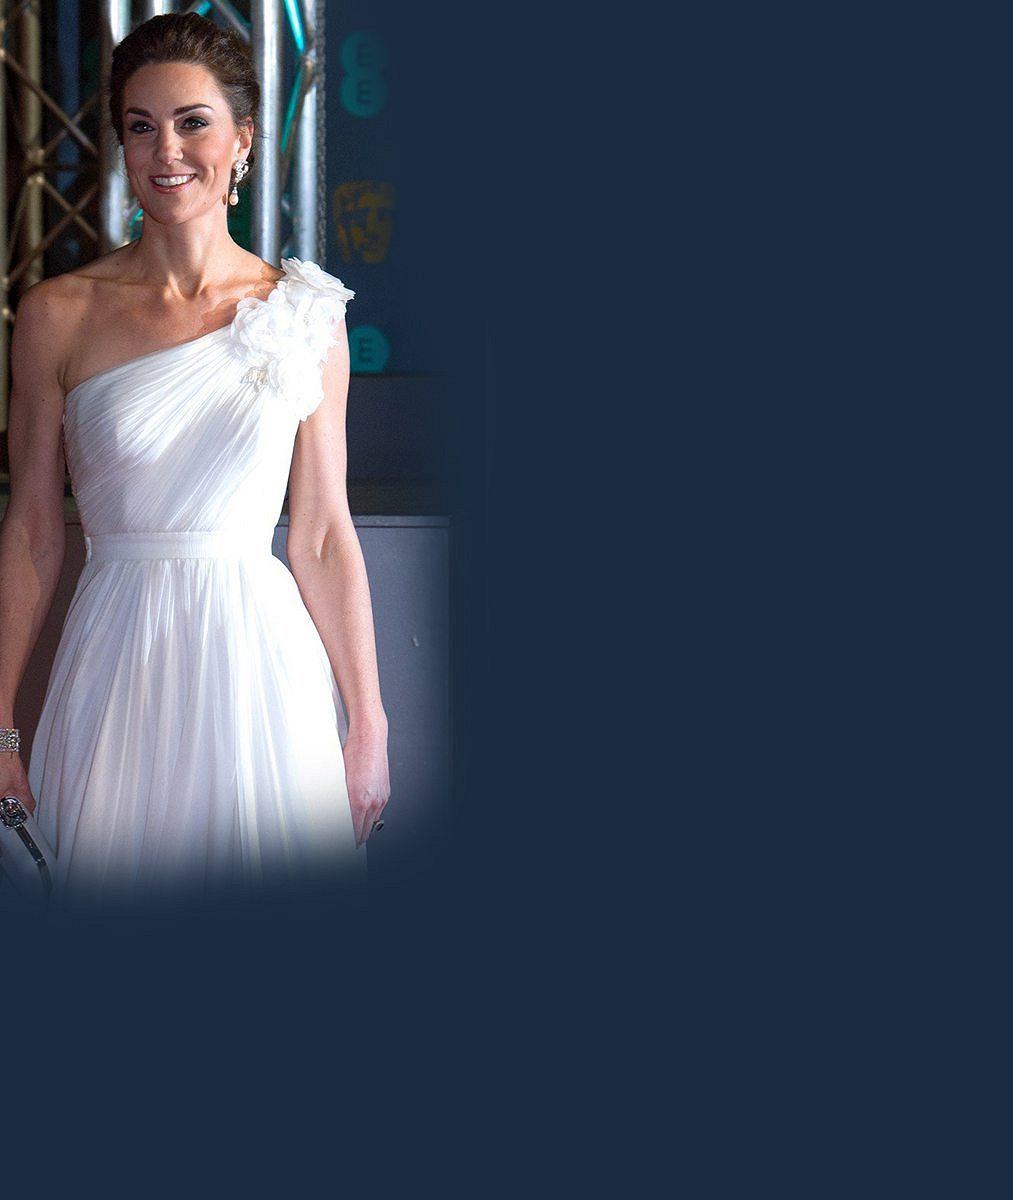 Nádherná, perfektní, bohyně, píší fanoušci: V těchto šatech vévodkyně Kate ukradla pozornost herečkám